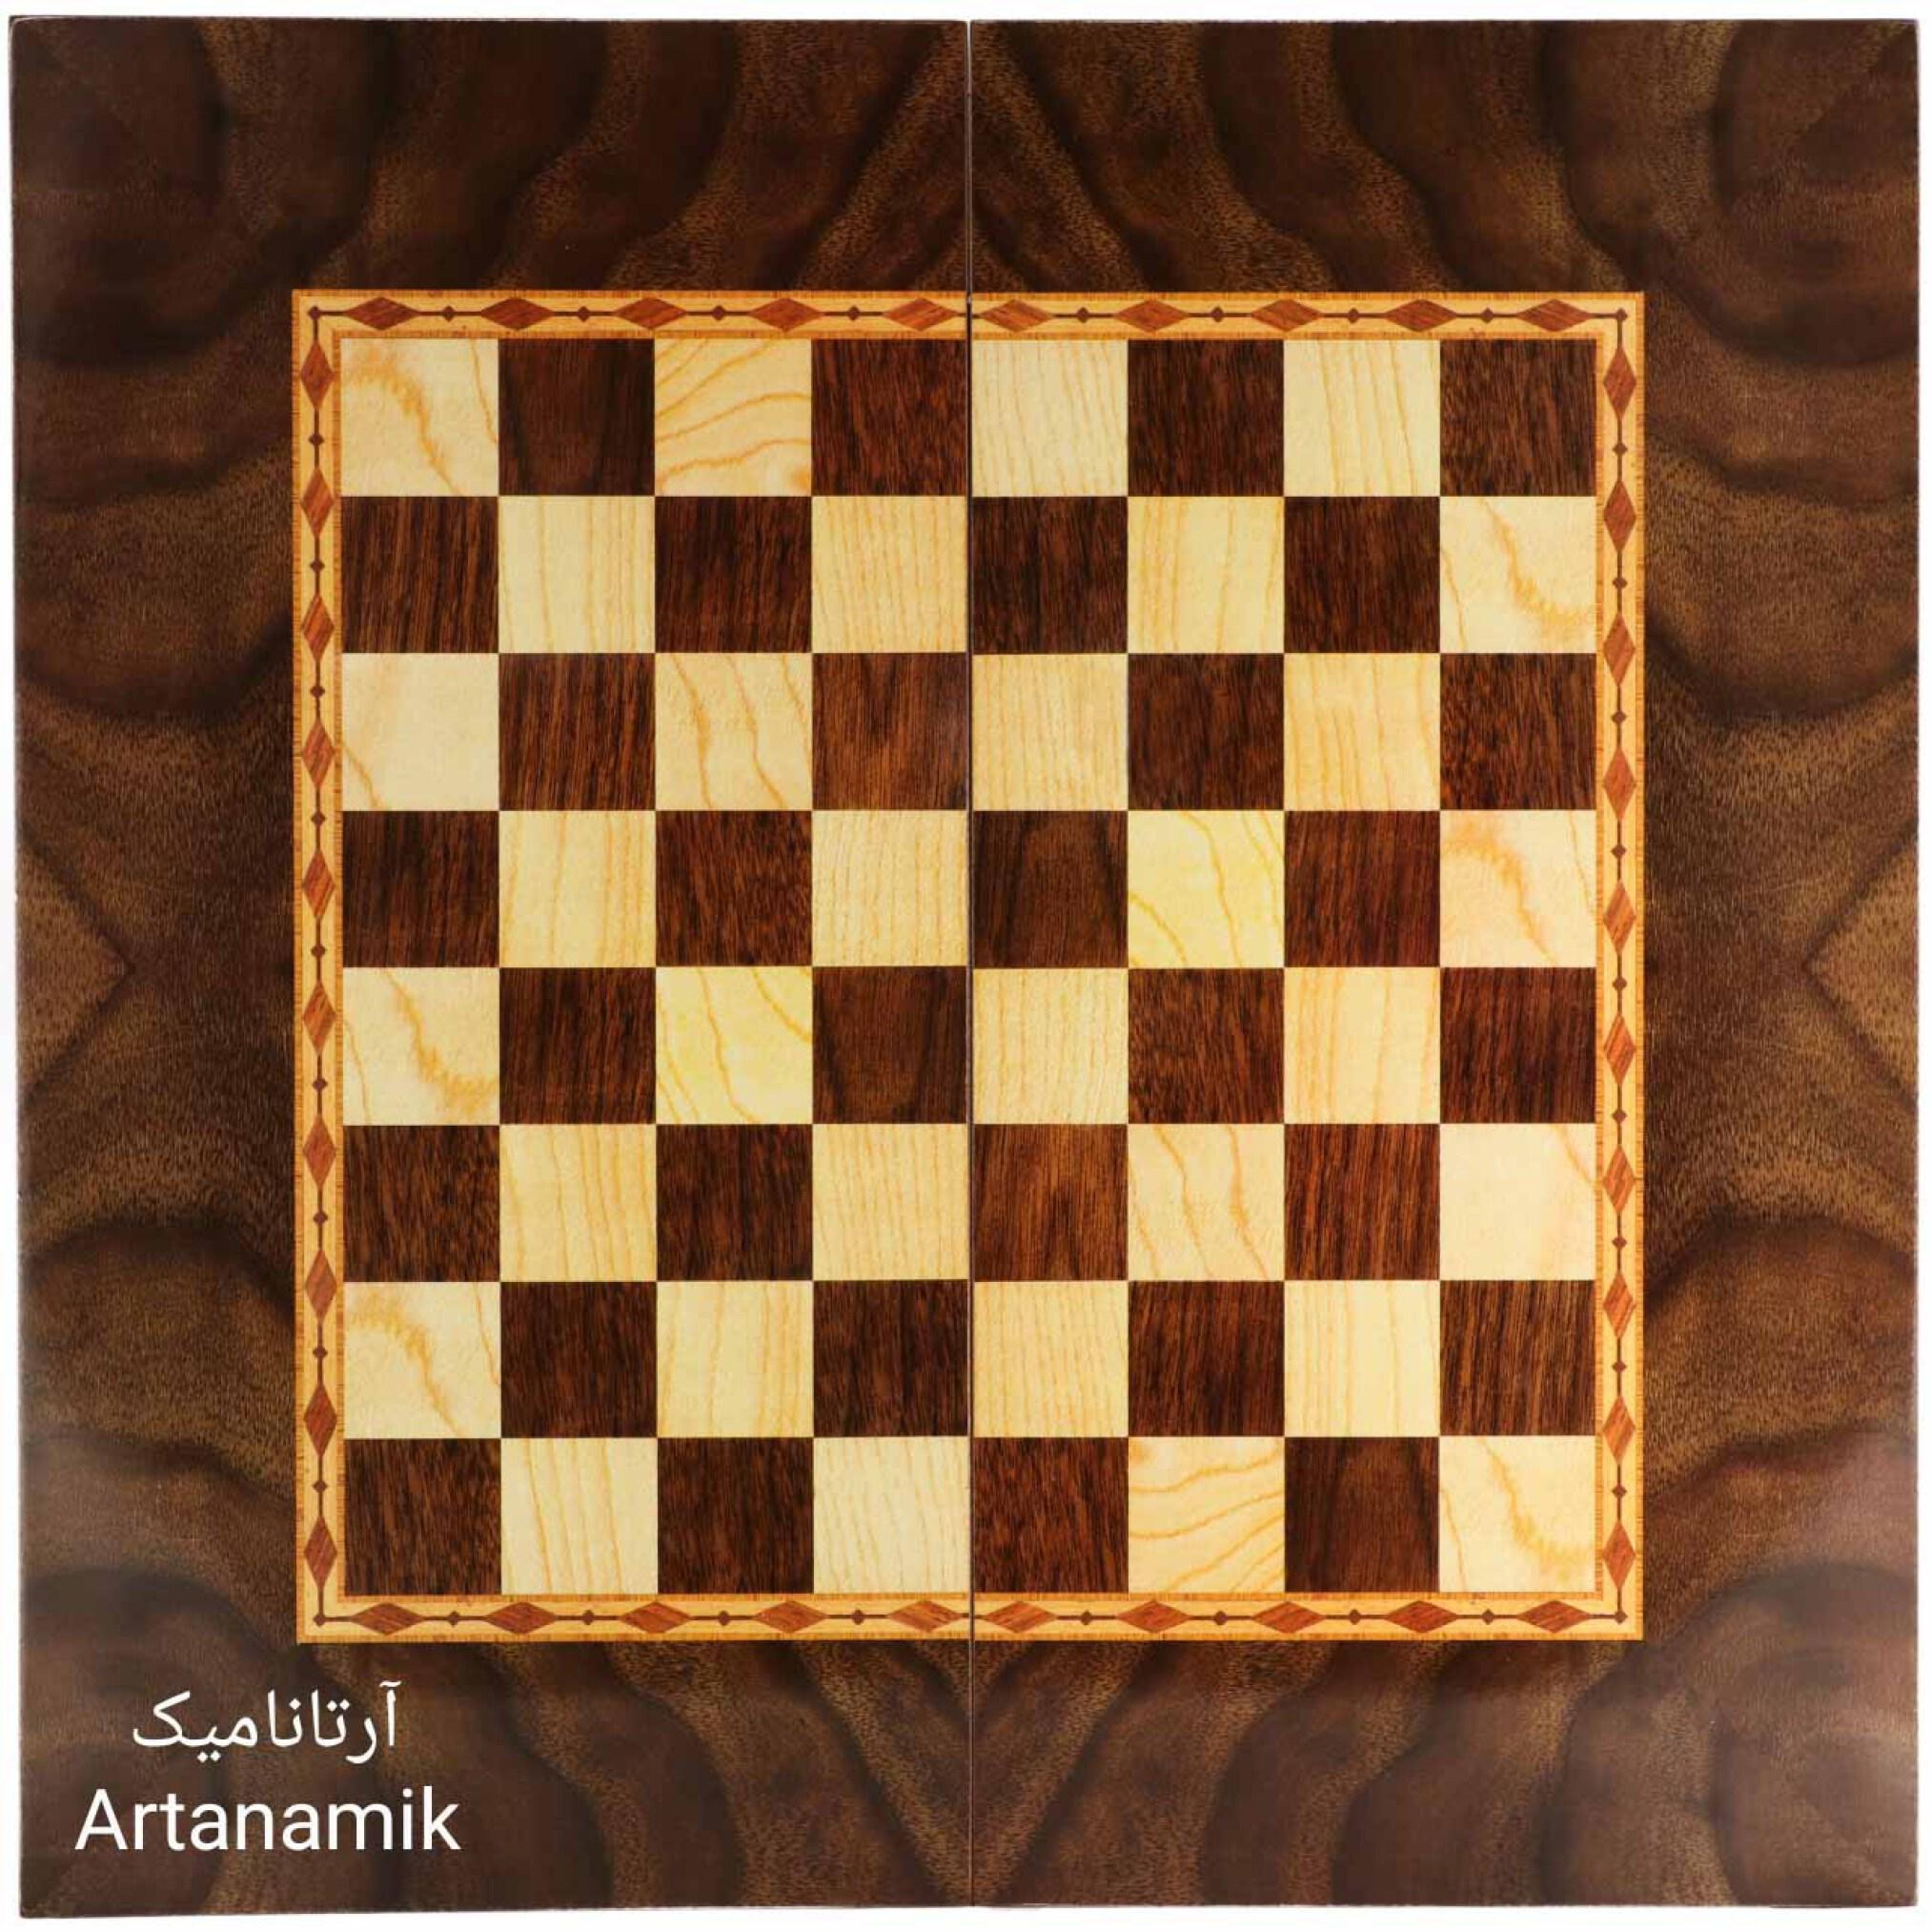 شطرنج طرح گردو، تخته نرد کادویی و تخته نرد نفیس از جنس MDF